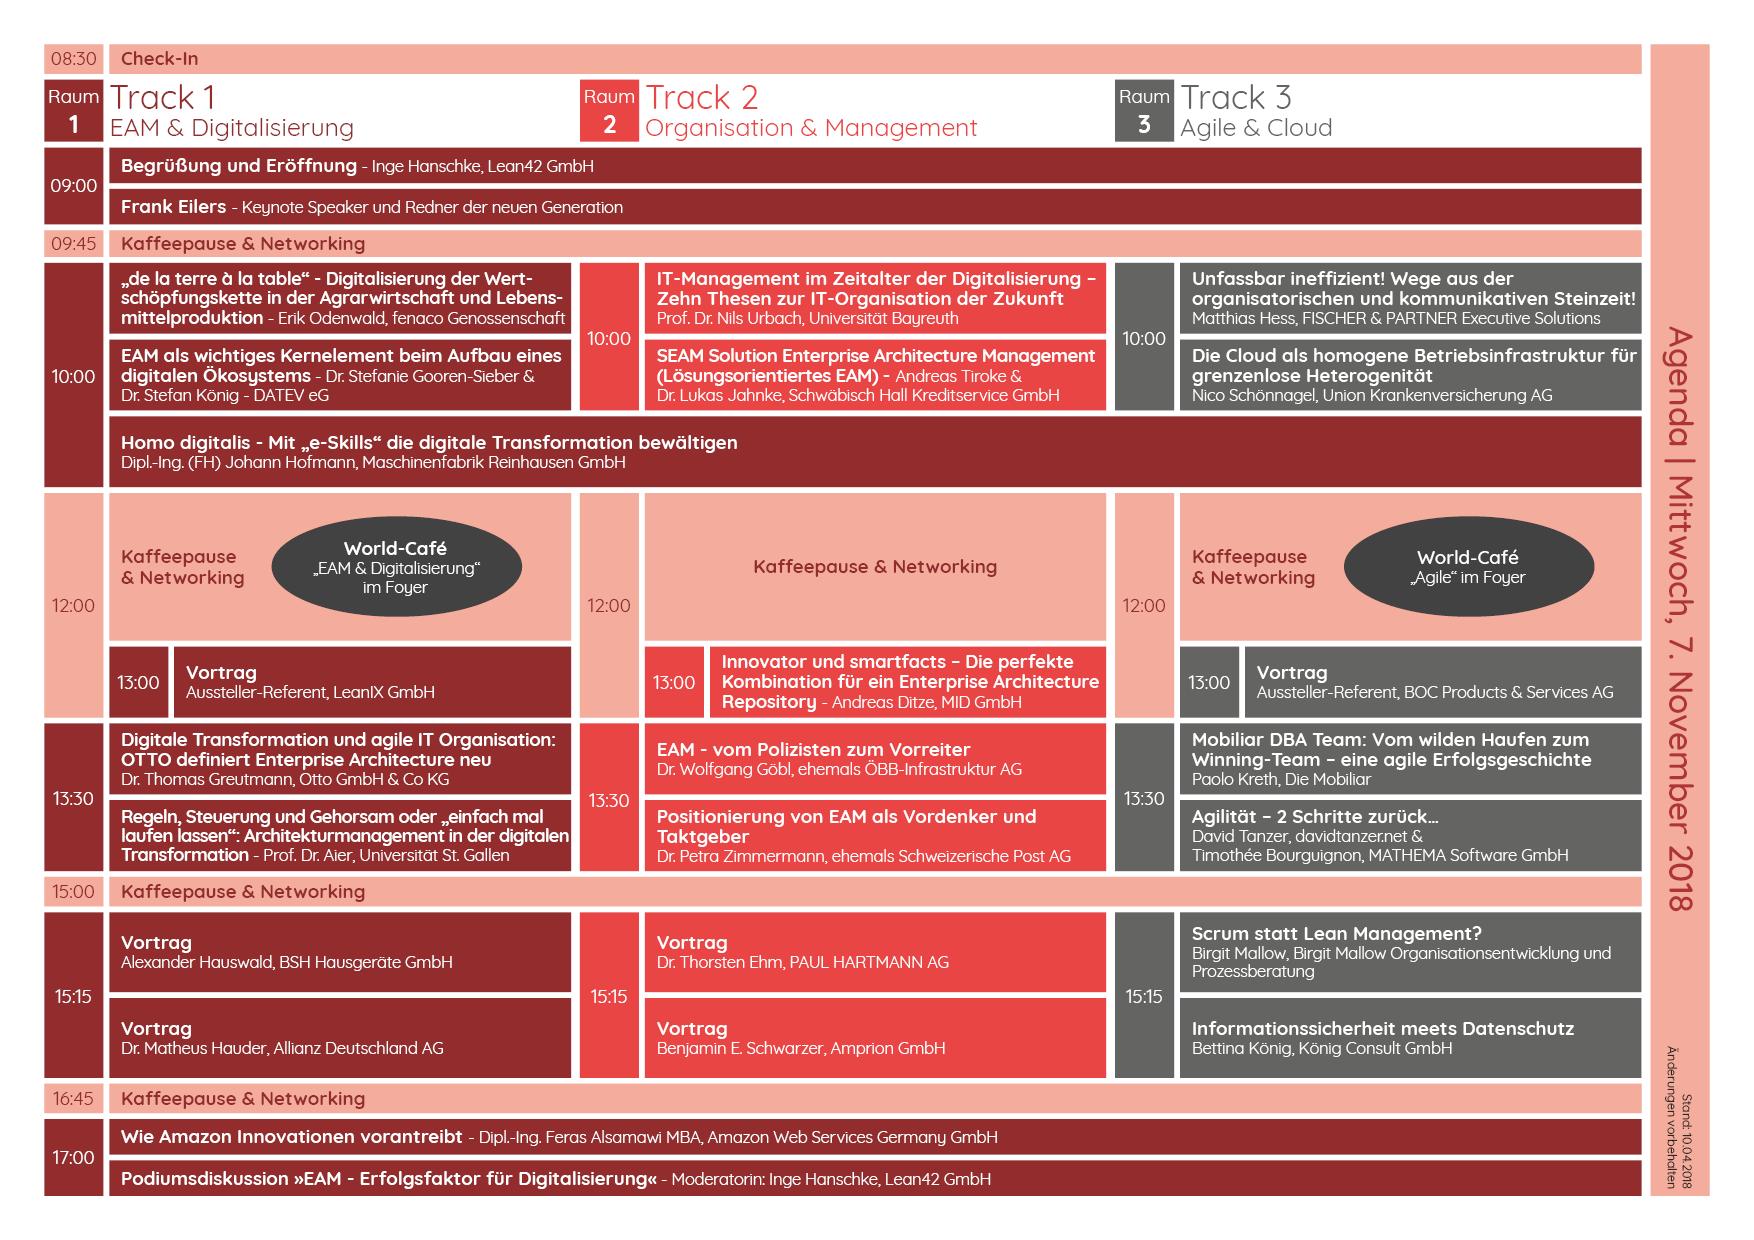 Arbeitsstand Agenda vereinfacht Lean EAM 2018 20180410